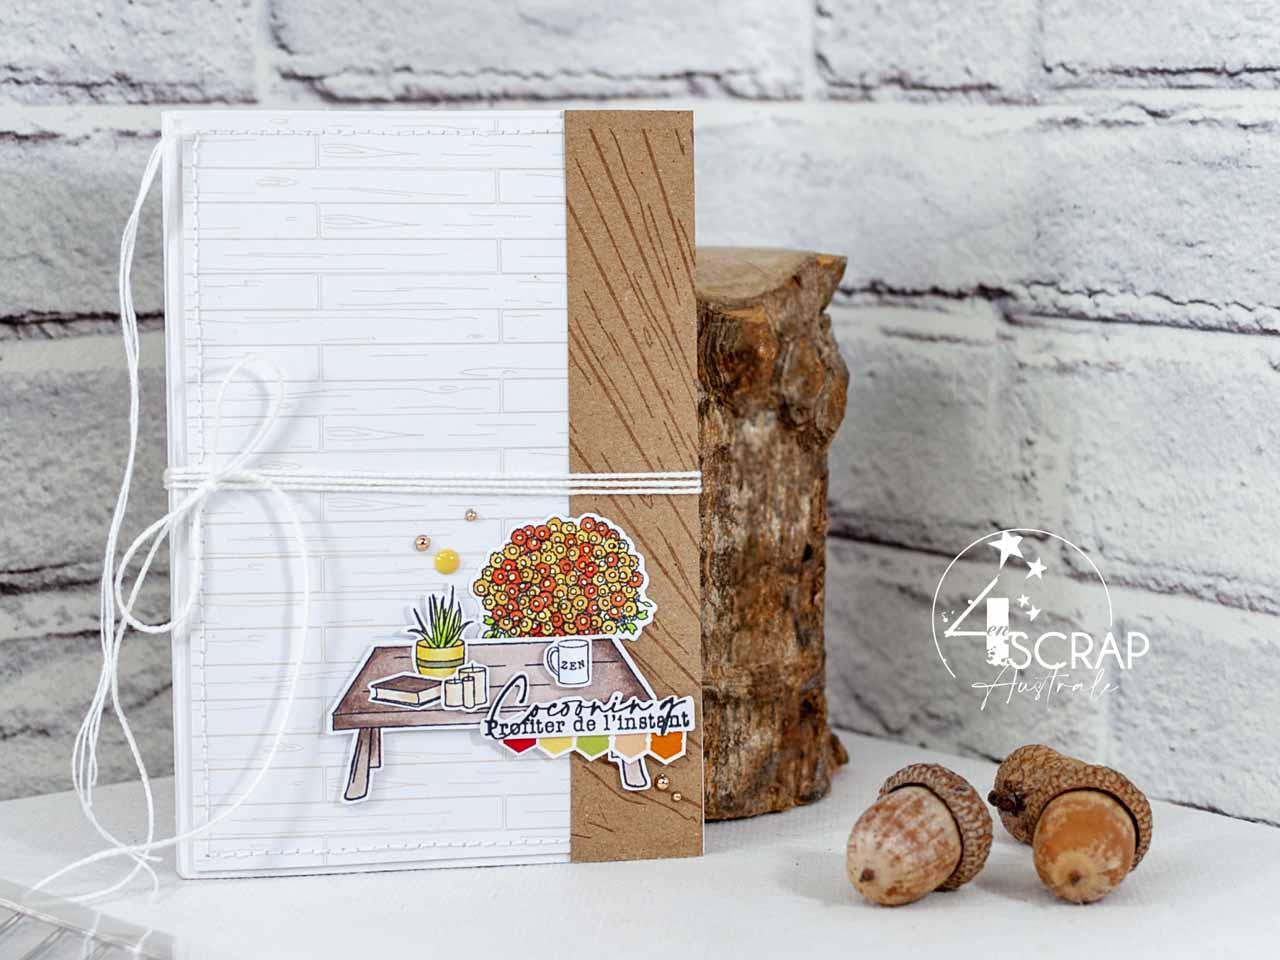 Création d'un flipbook, pochette cadeau pour sachets de thé, sur le thème du cocooning en automne avec éléments de notre intérieur, table, livre, bougies, lanterne et plaid.